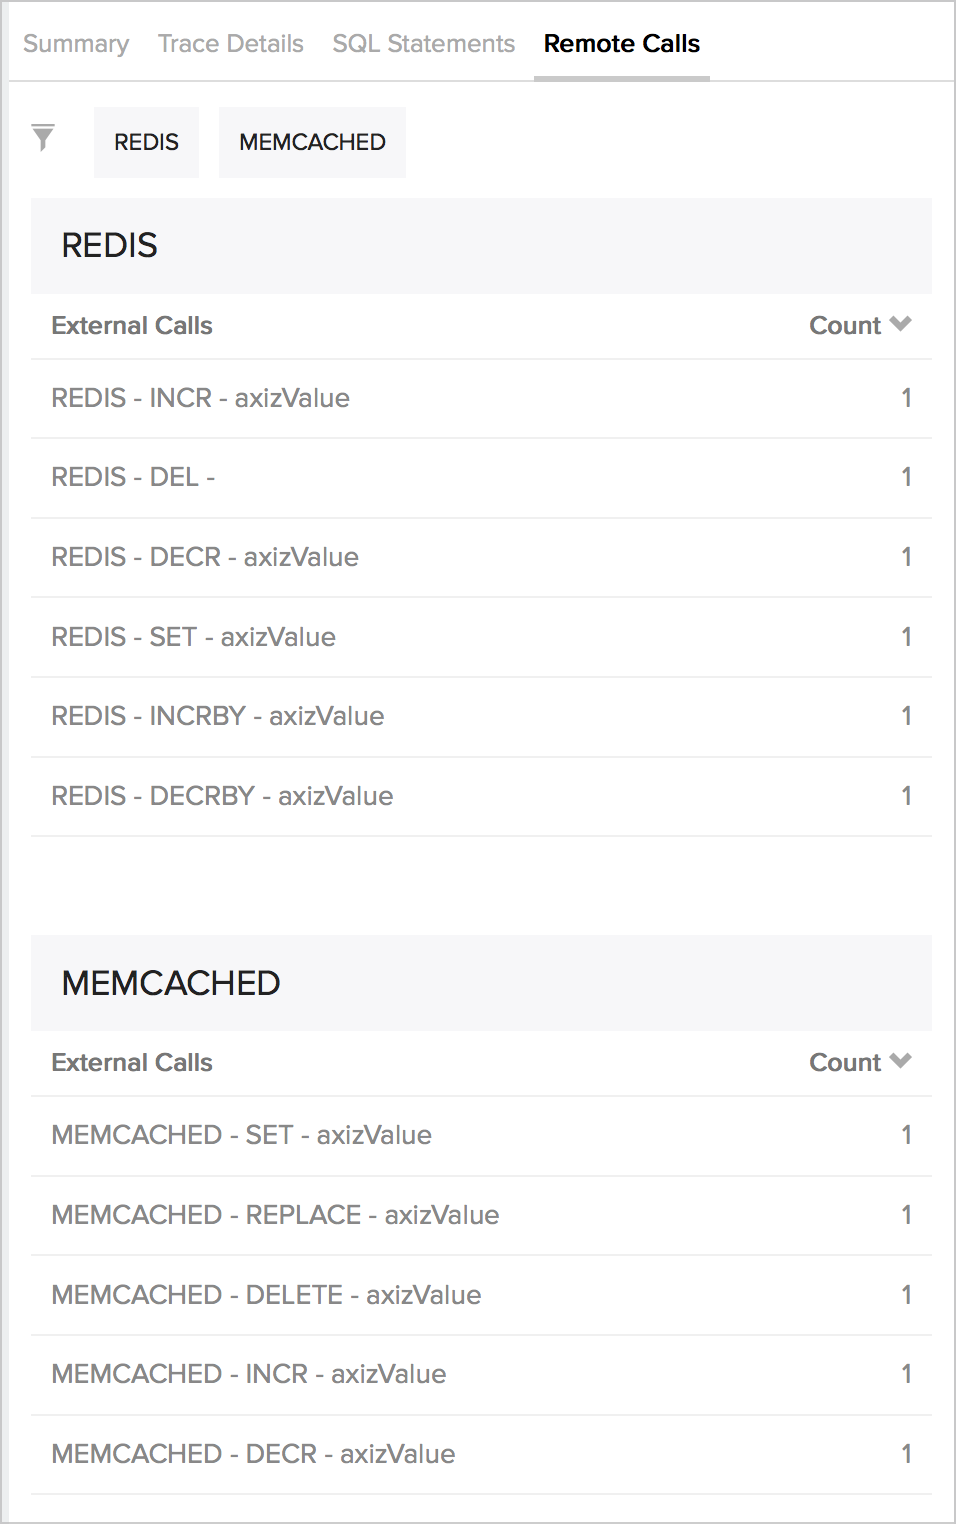 Remote calls